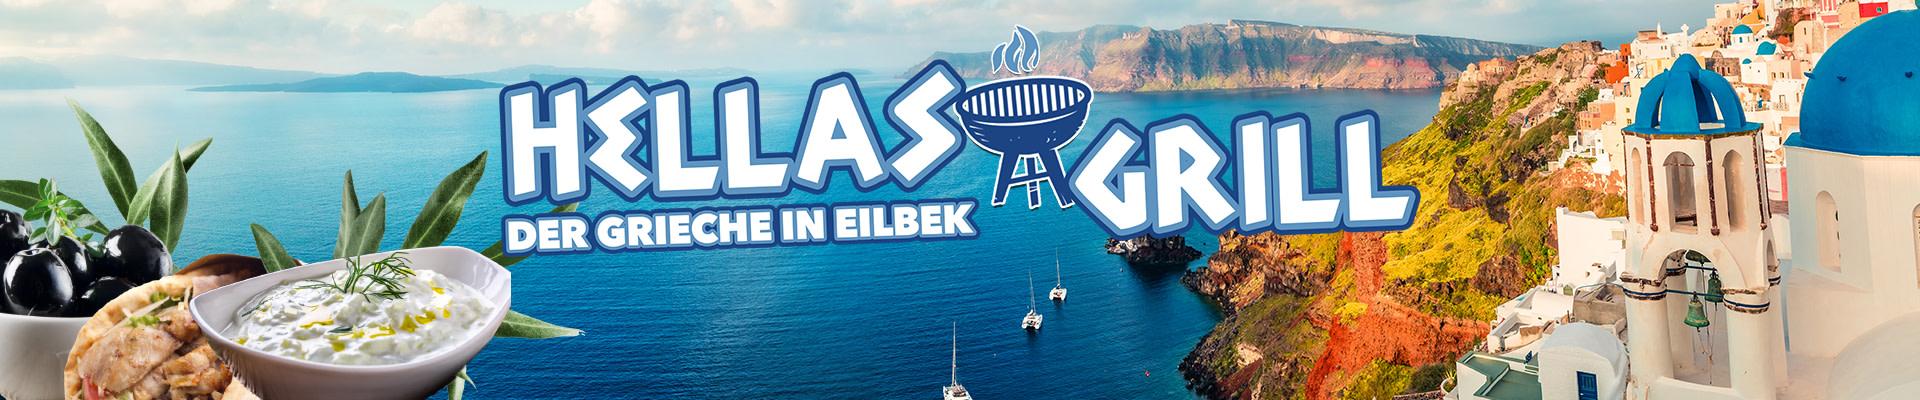 Hellas Grill Warengruppenbild